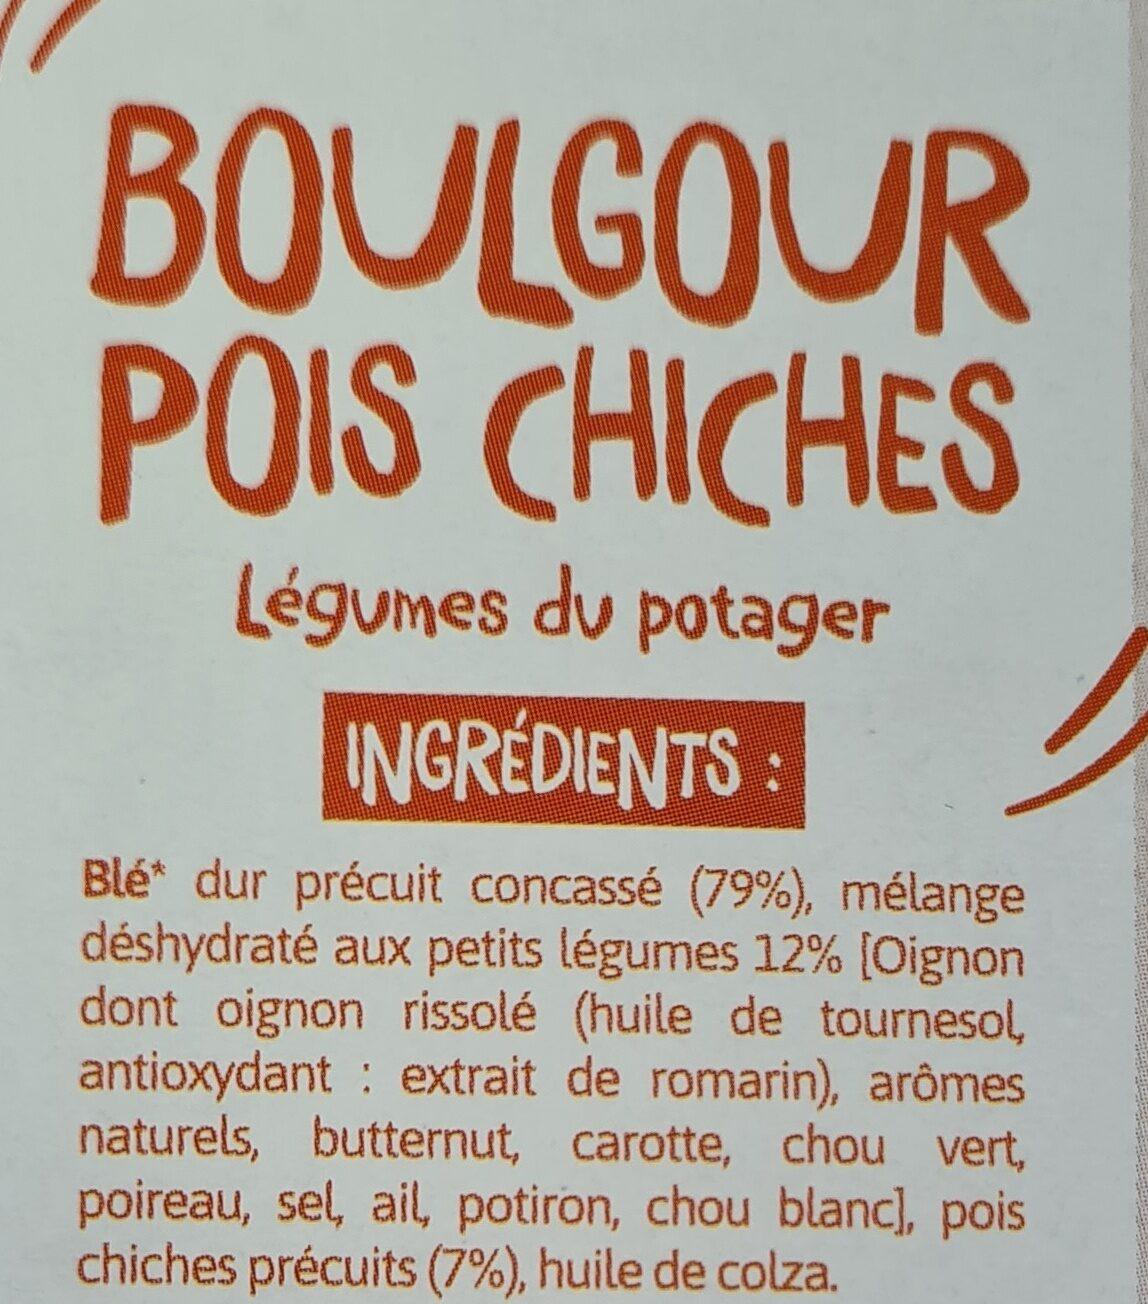 Boulgour & Pois chiches Légumes du potager - Ingredients - fr